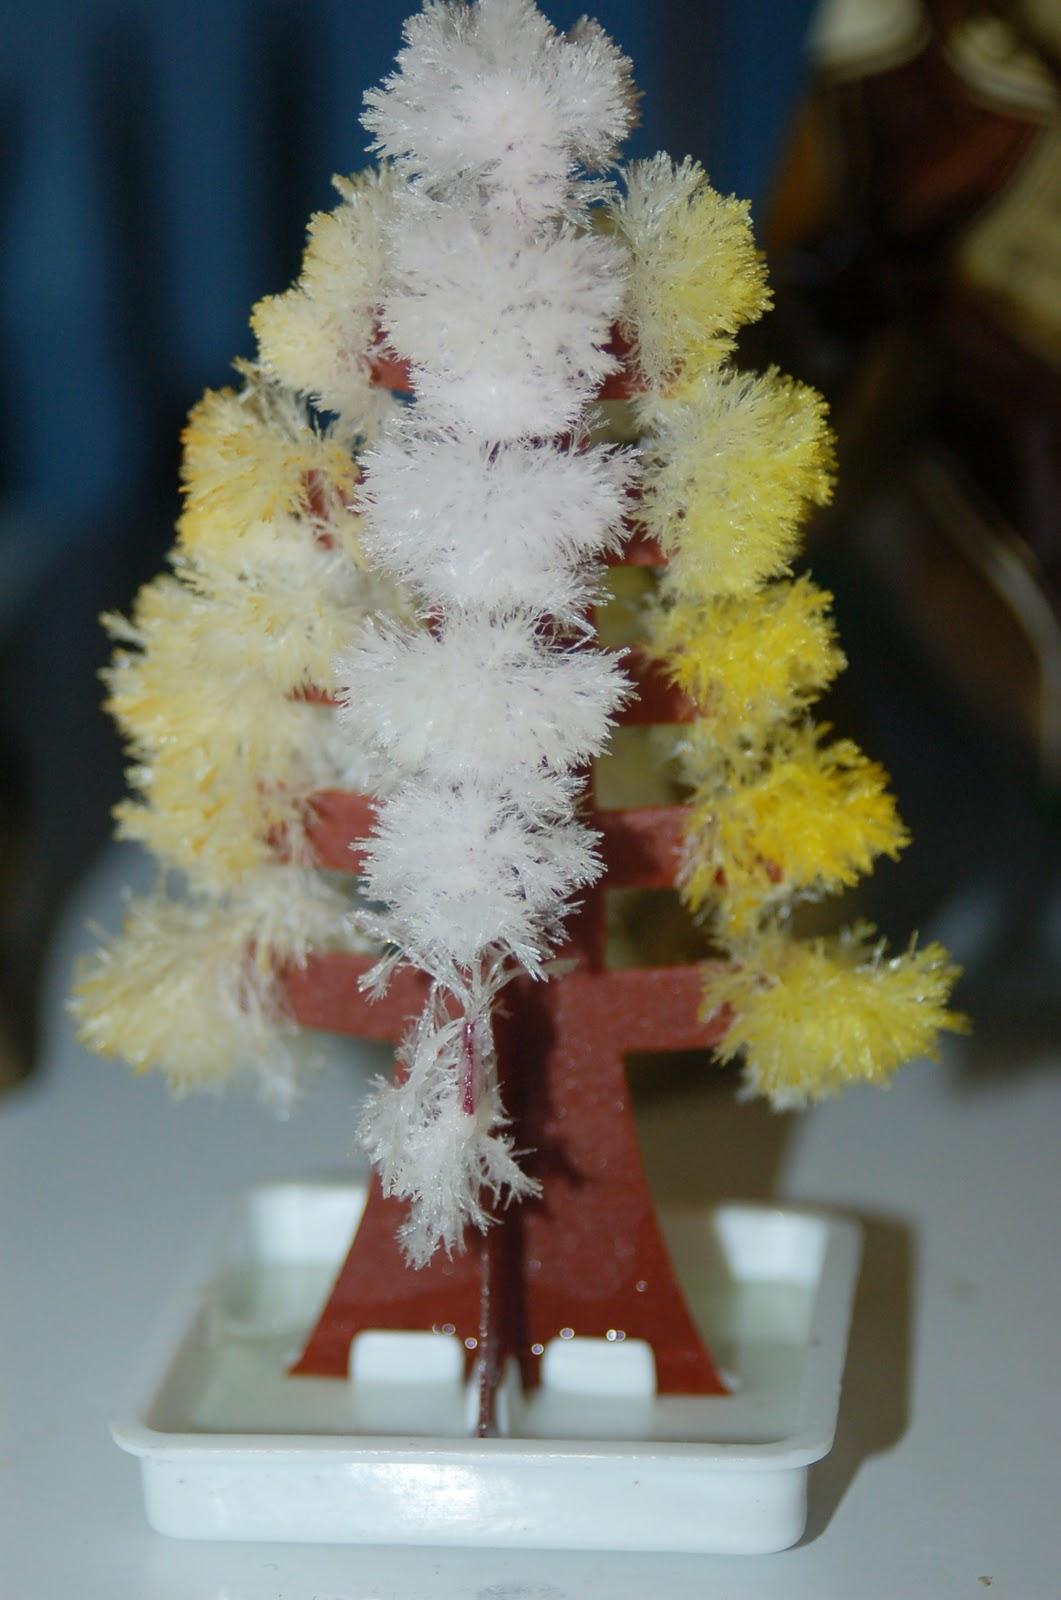 Crystal Growing Christmas Tree